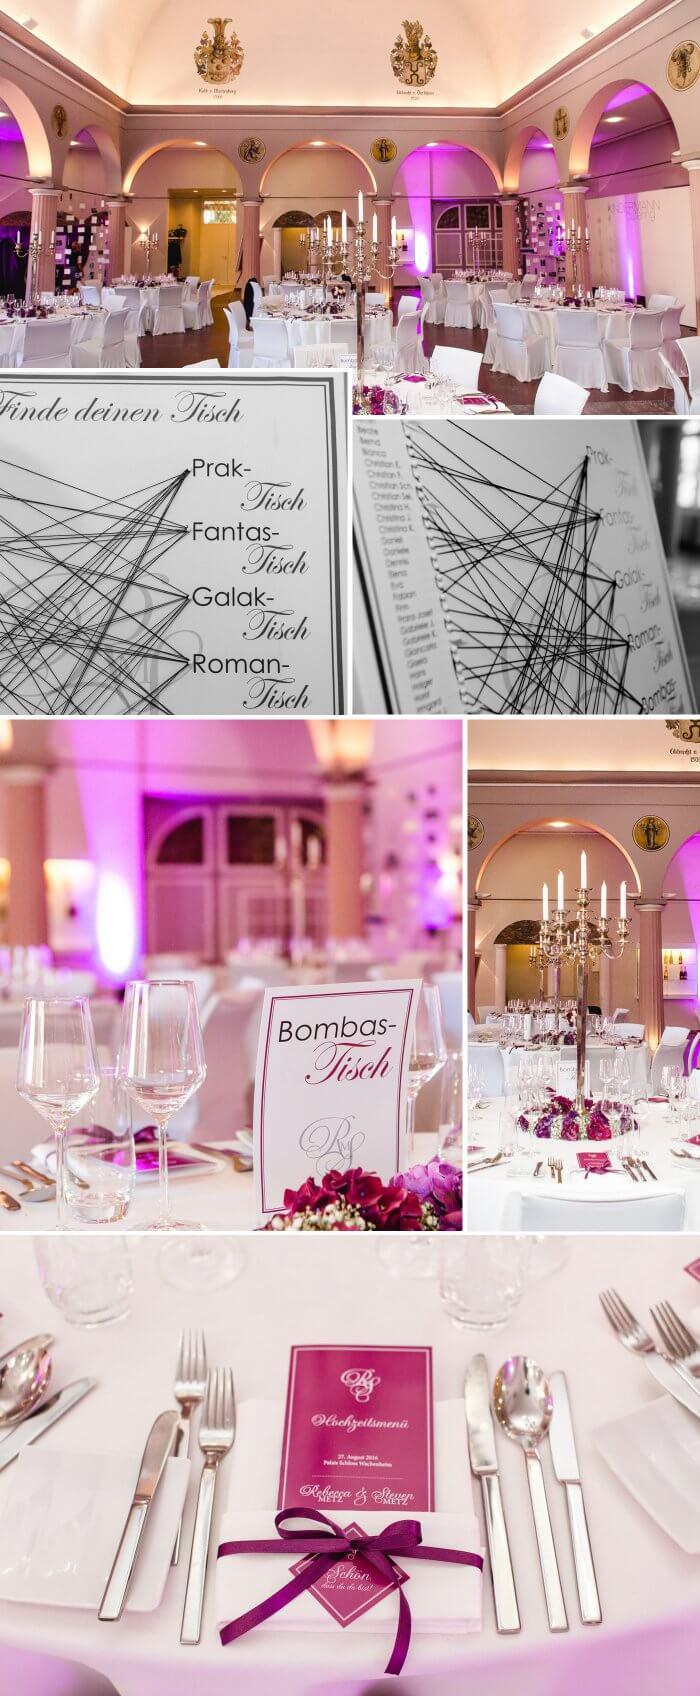 Tischdeko Hochzeit Beerentöne